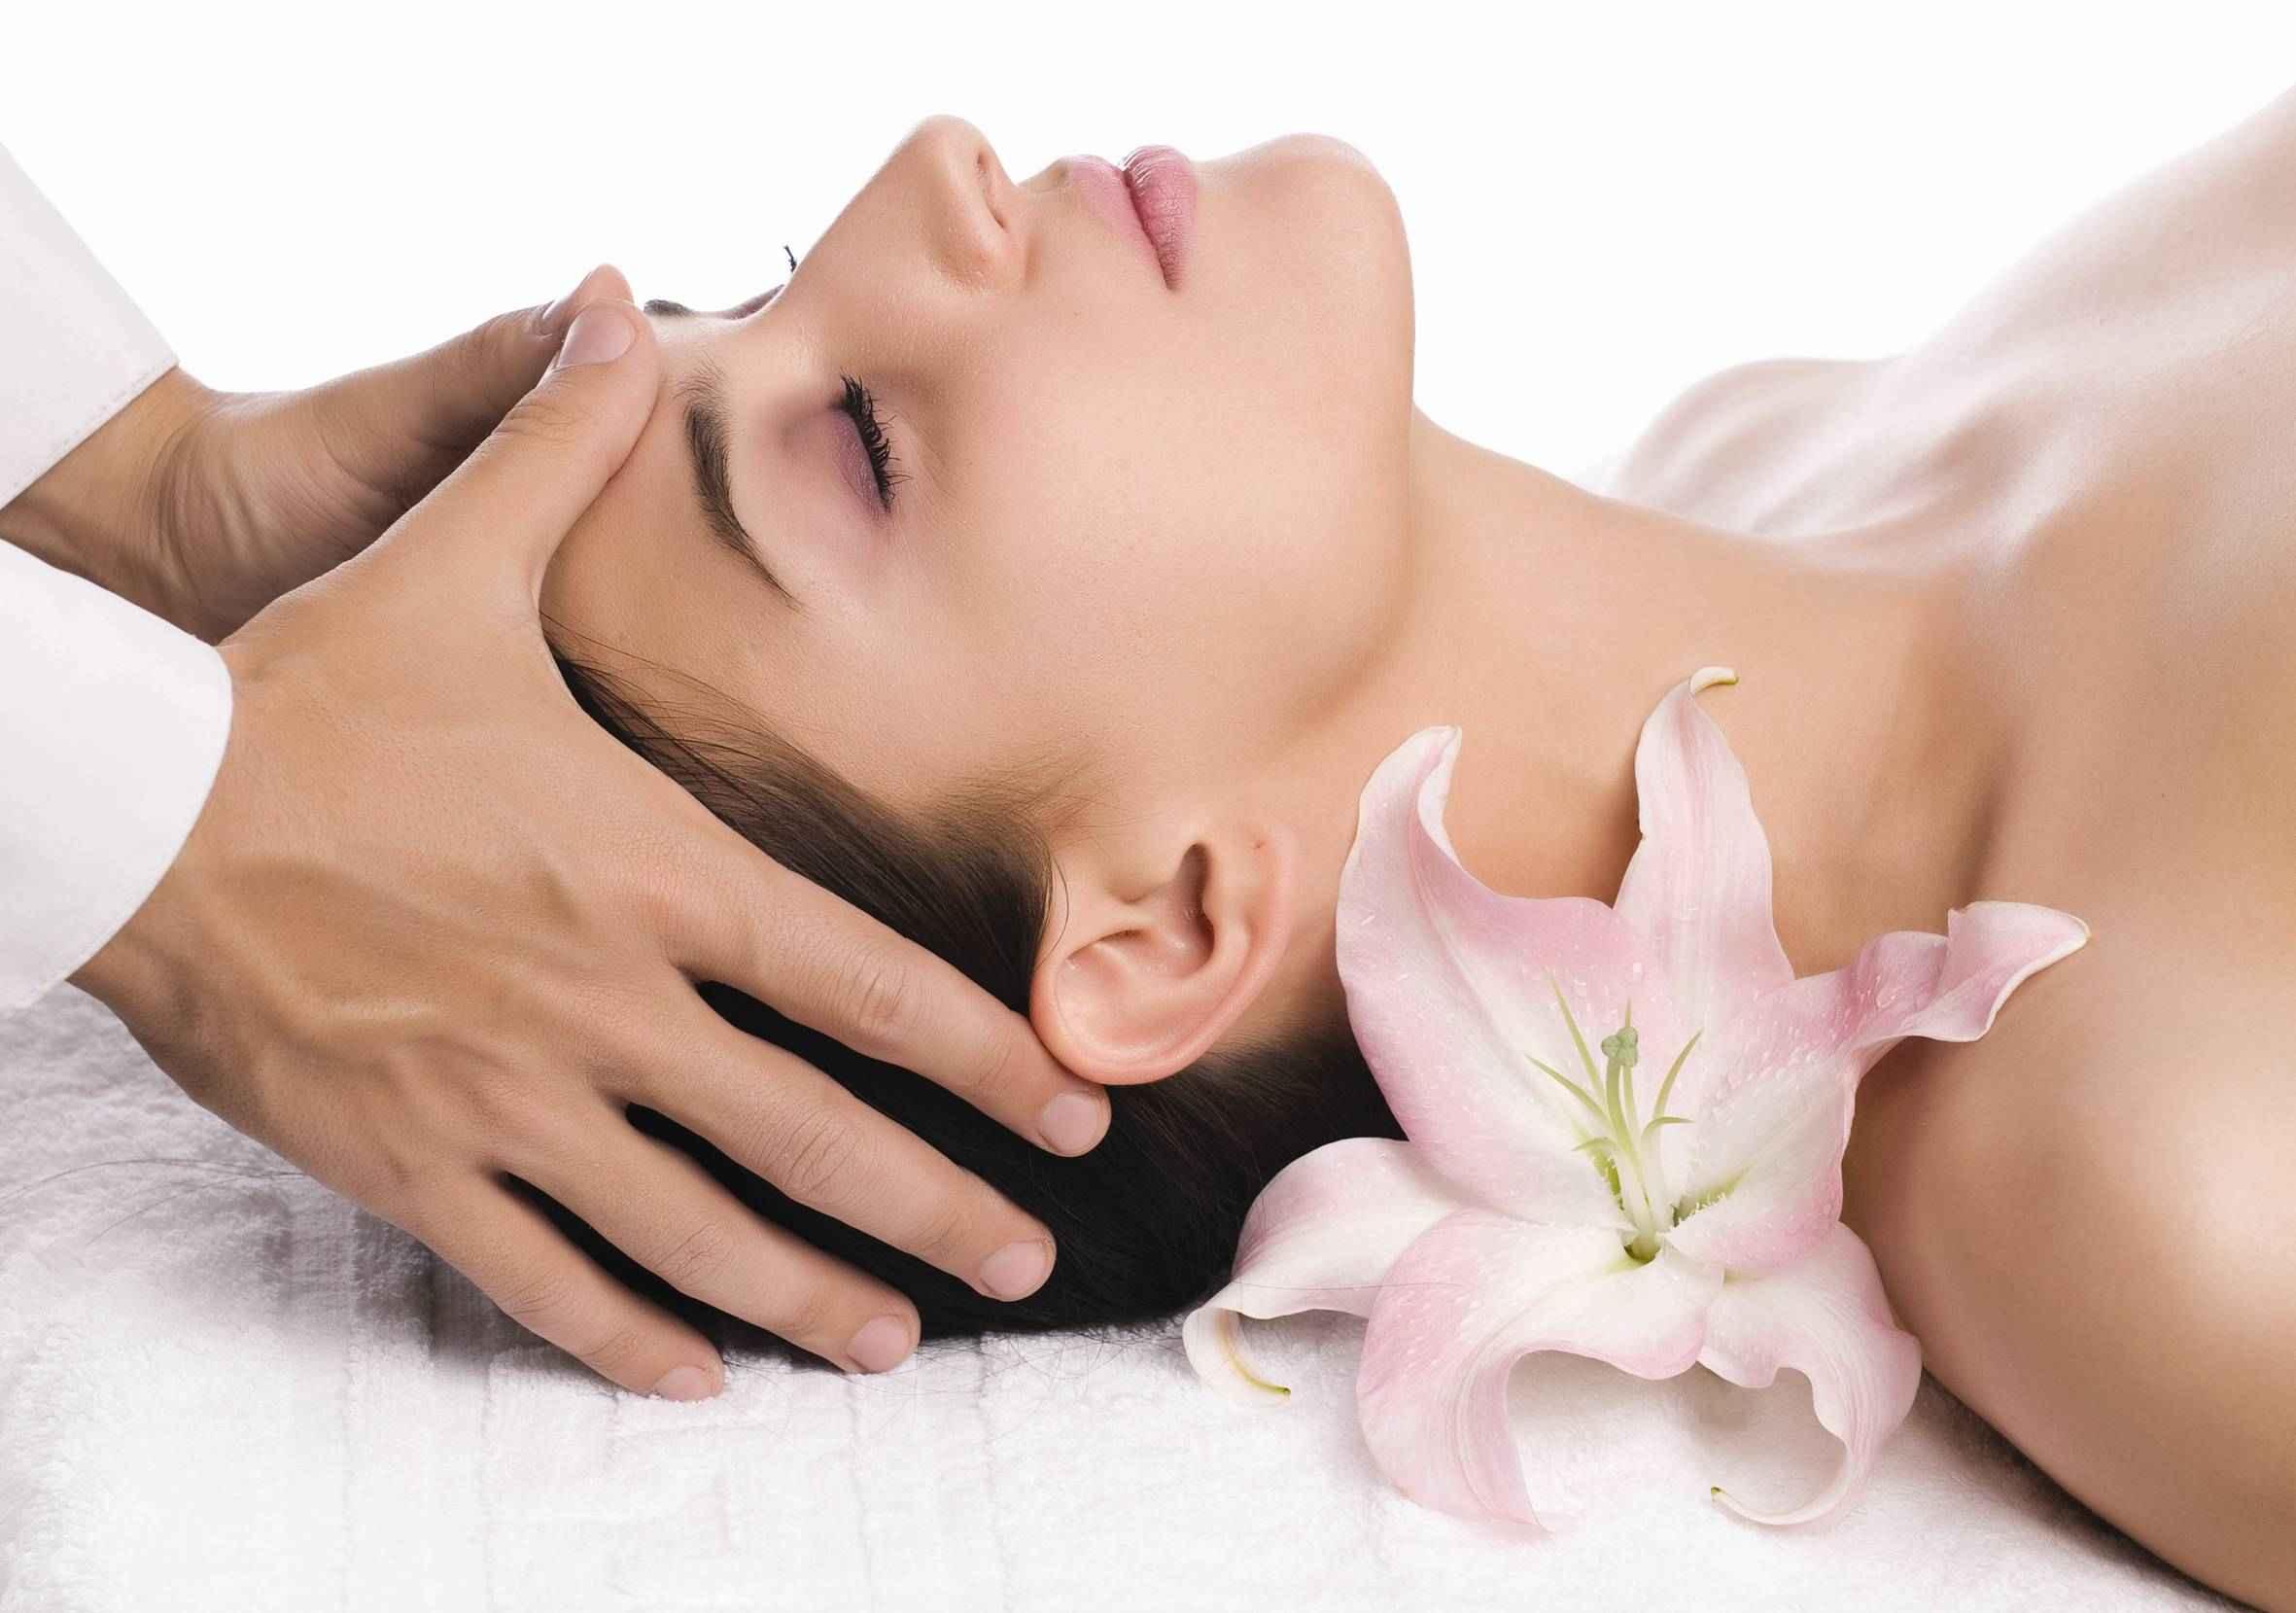 Mẹo trị nhức đầu nhanh chóng đơn giản tại nhà